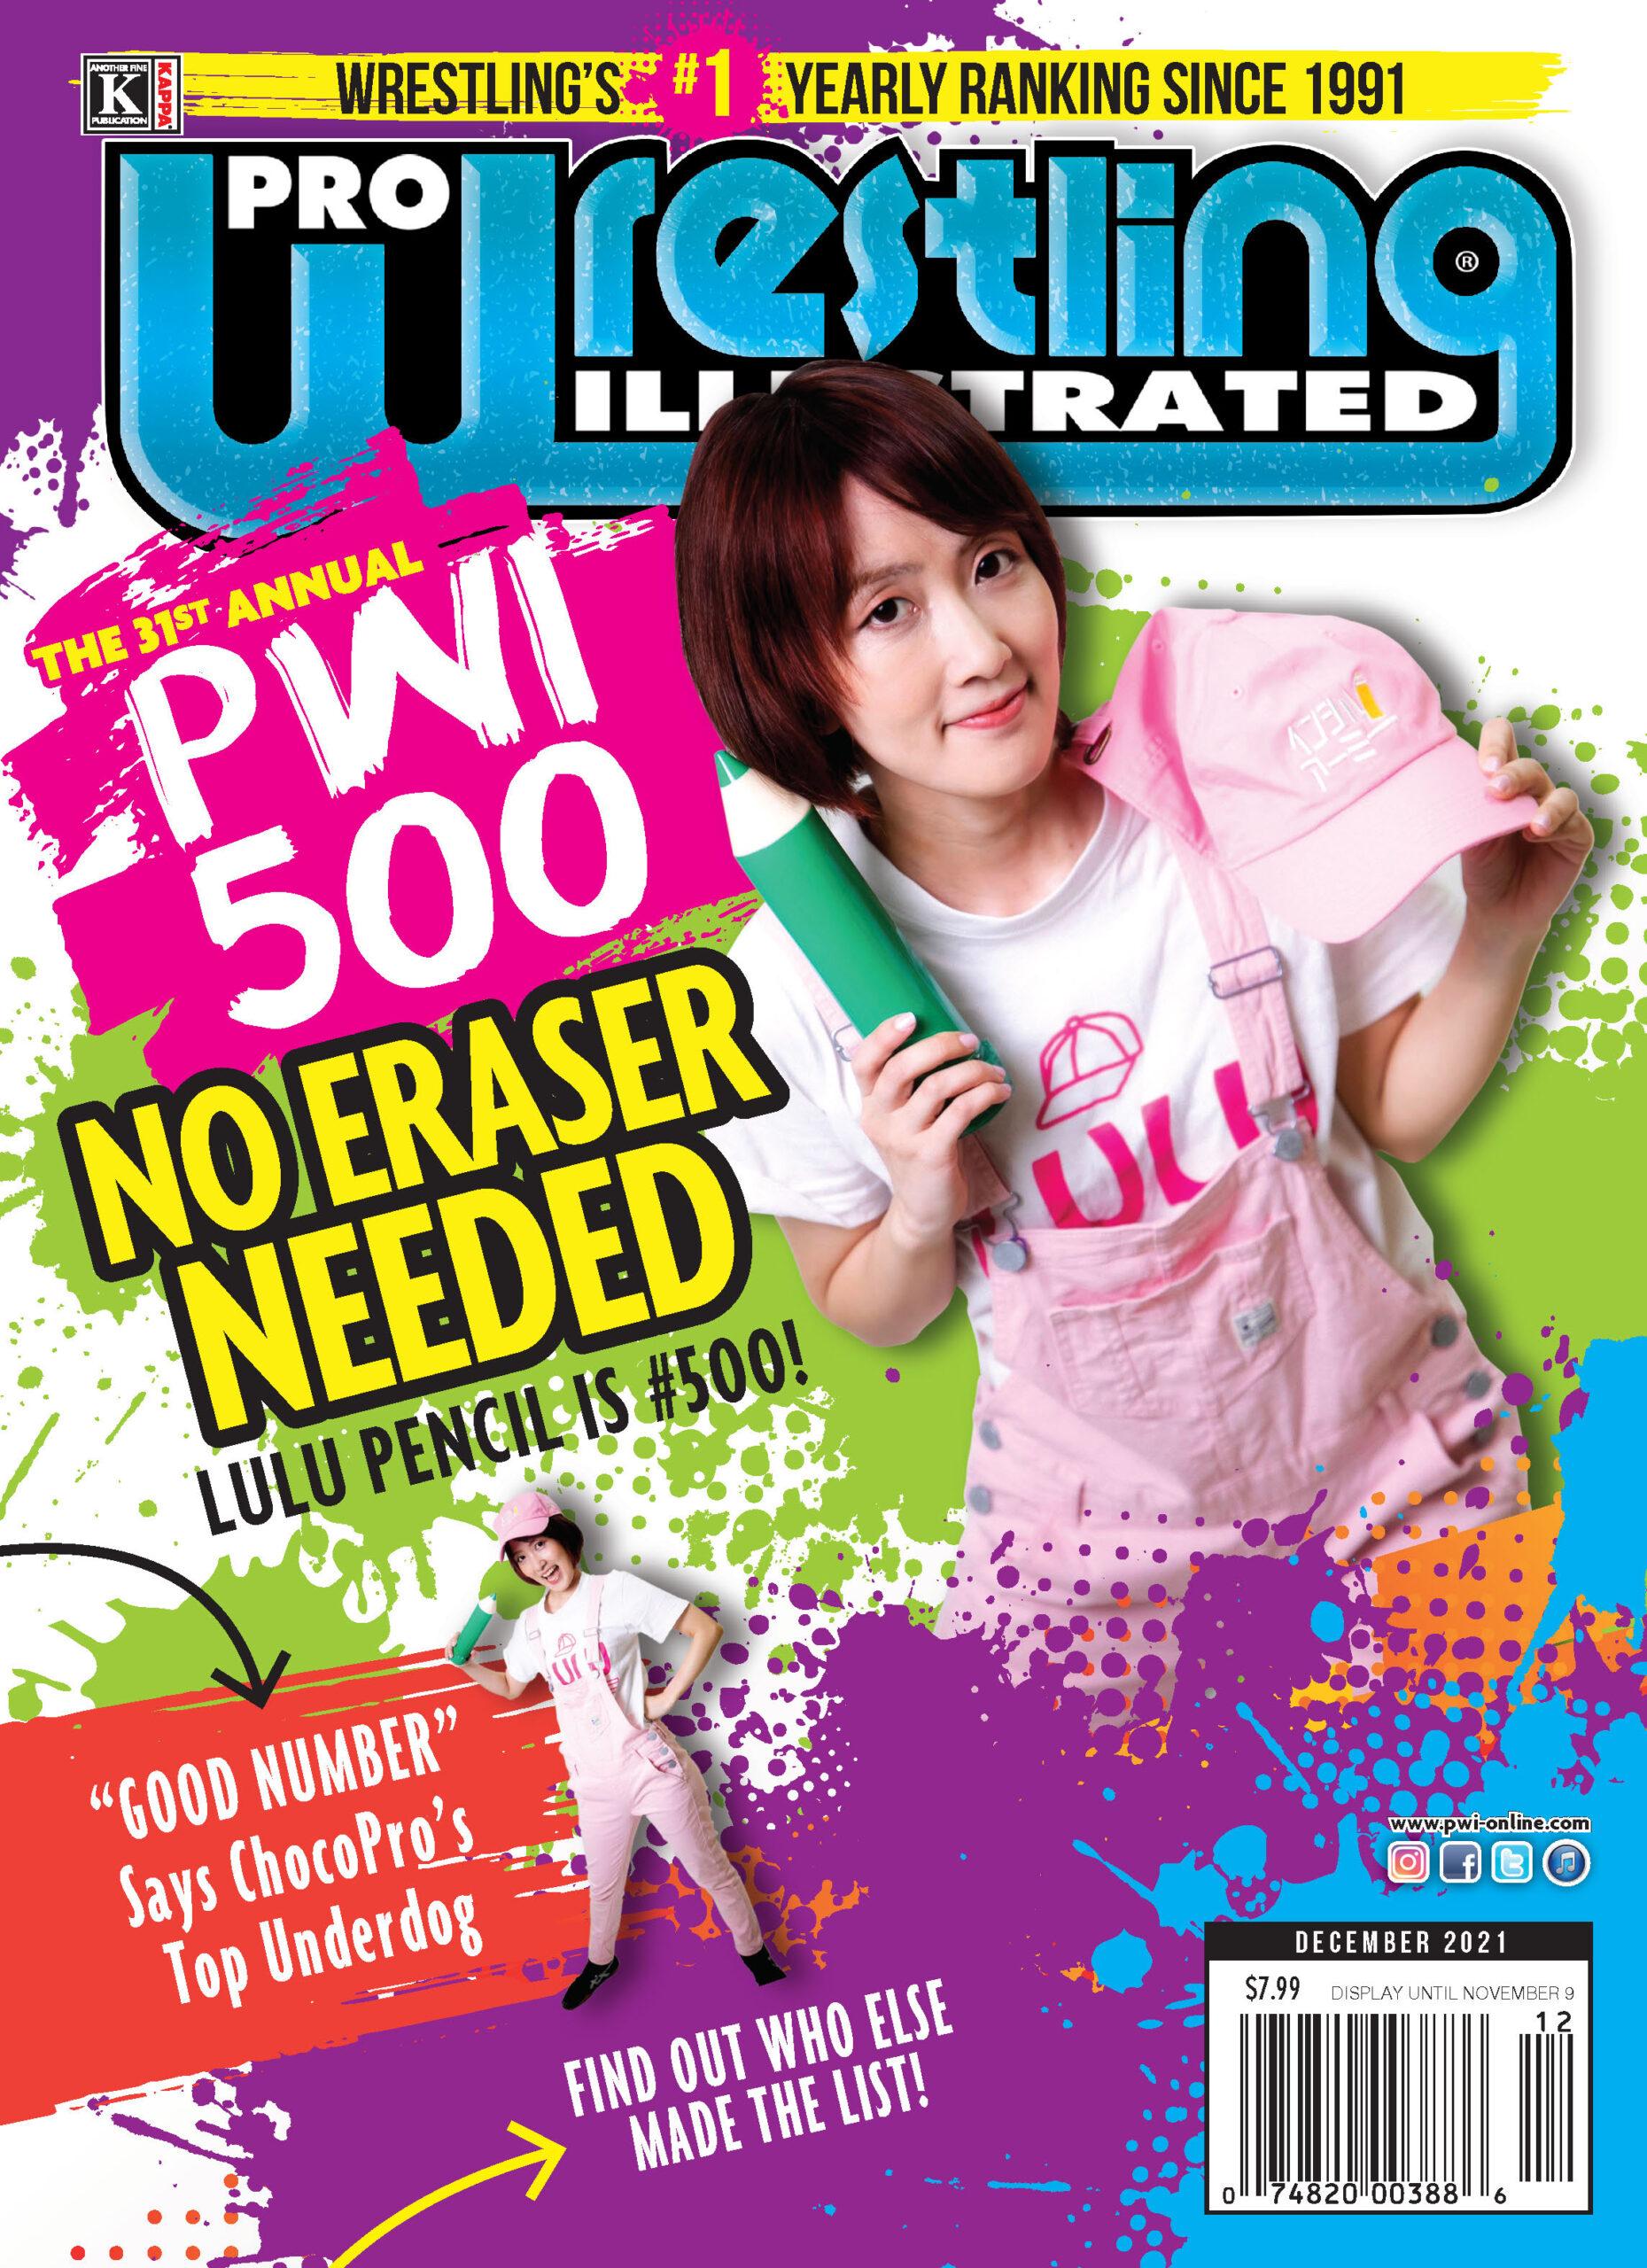 PWI December 2021 Alt Cover - Lulu Pencil